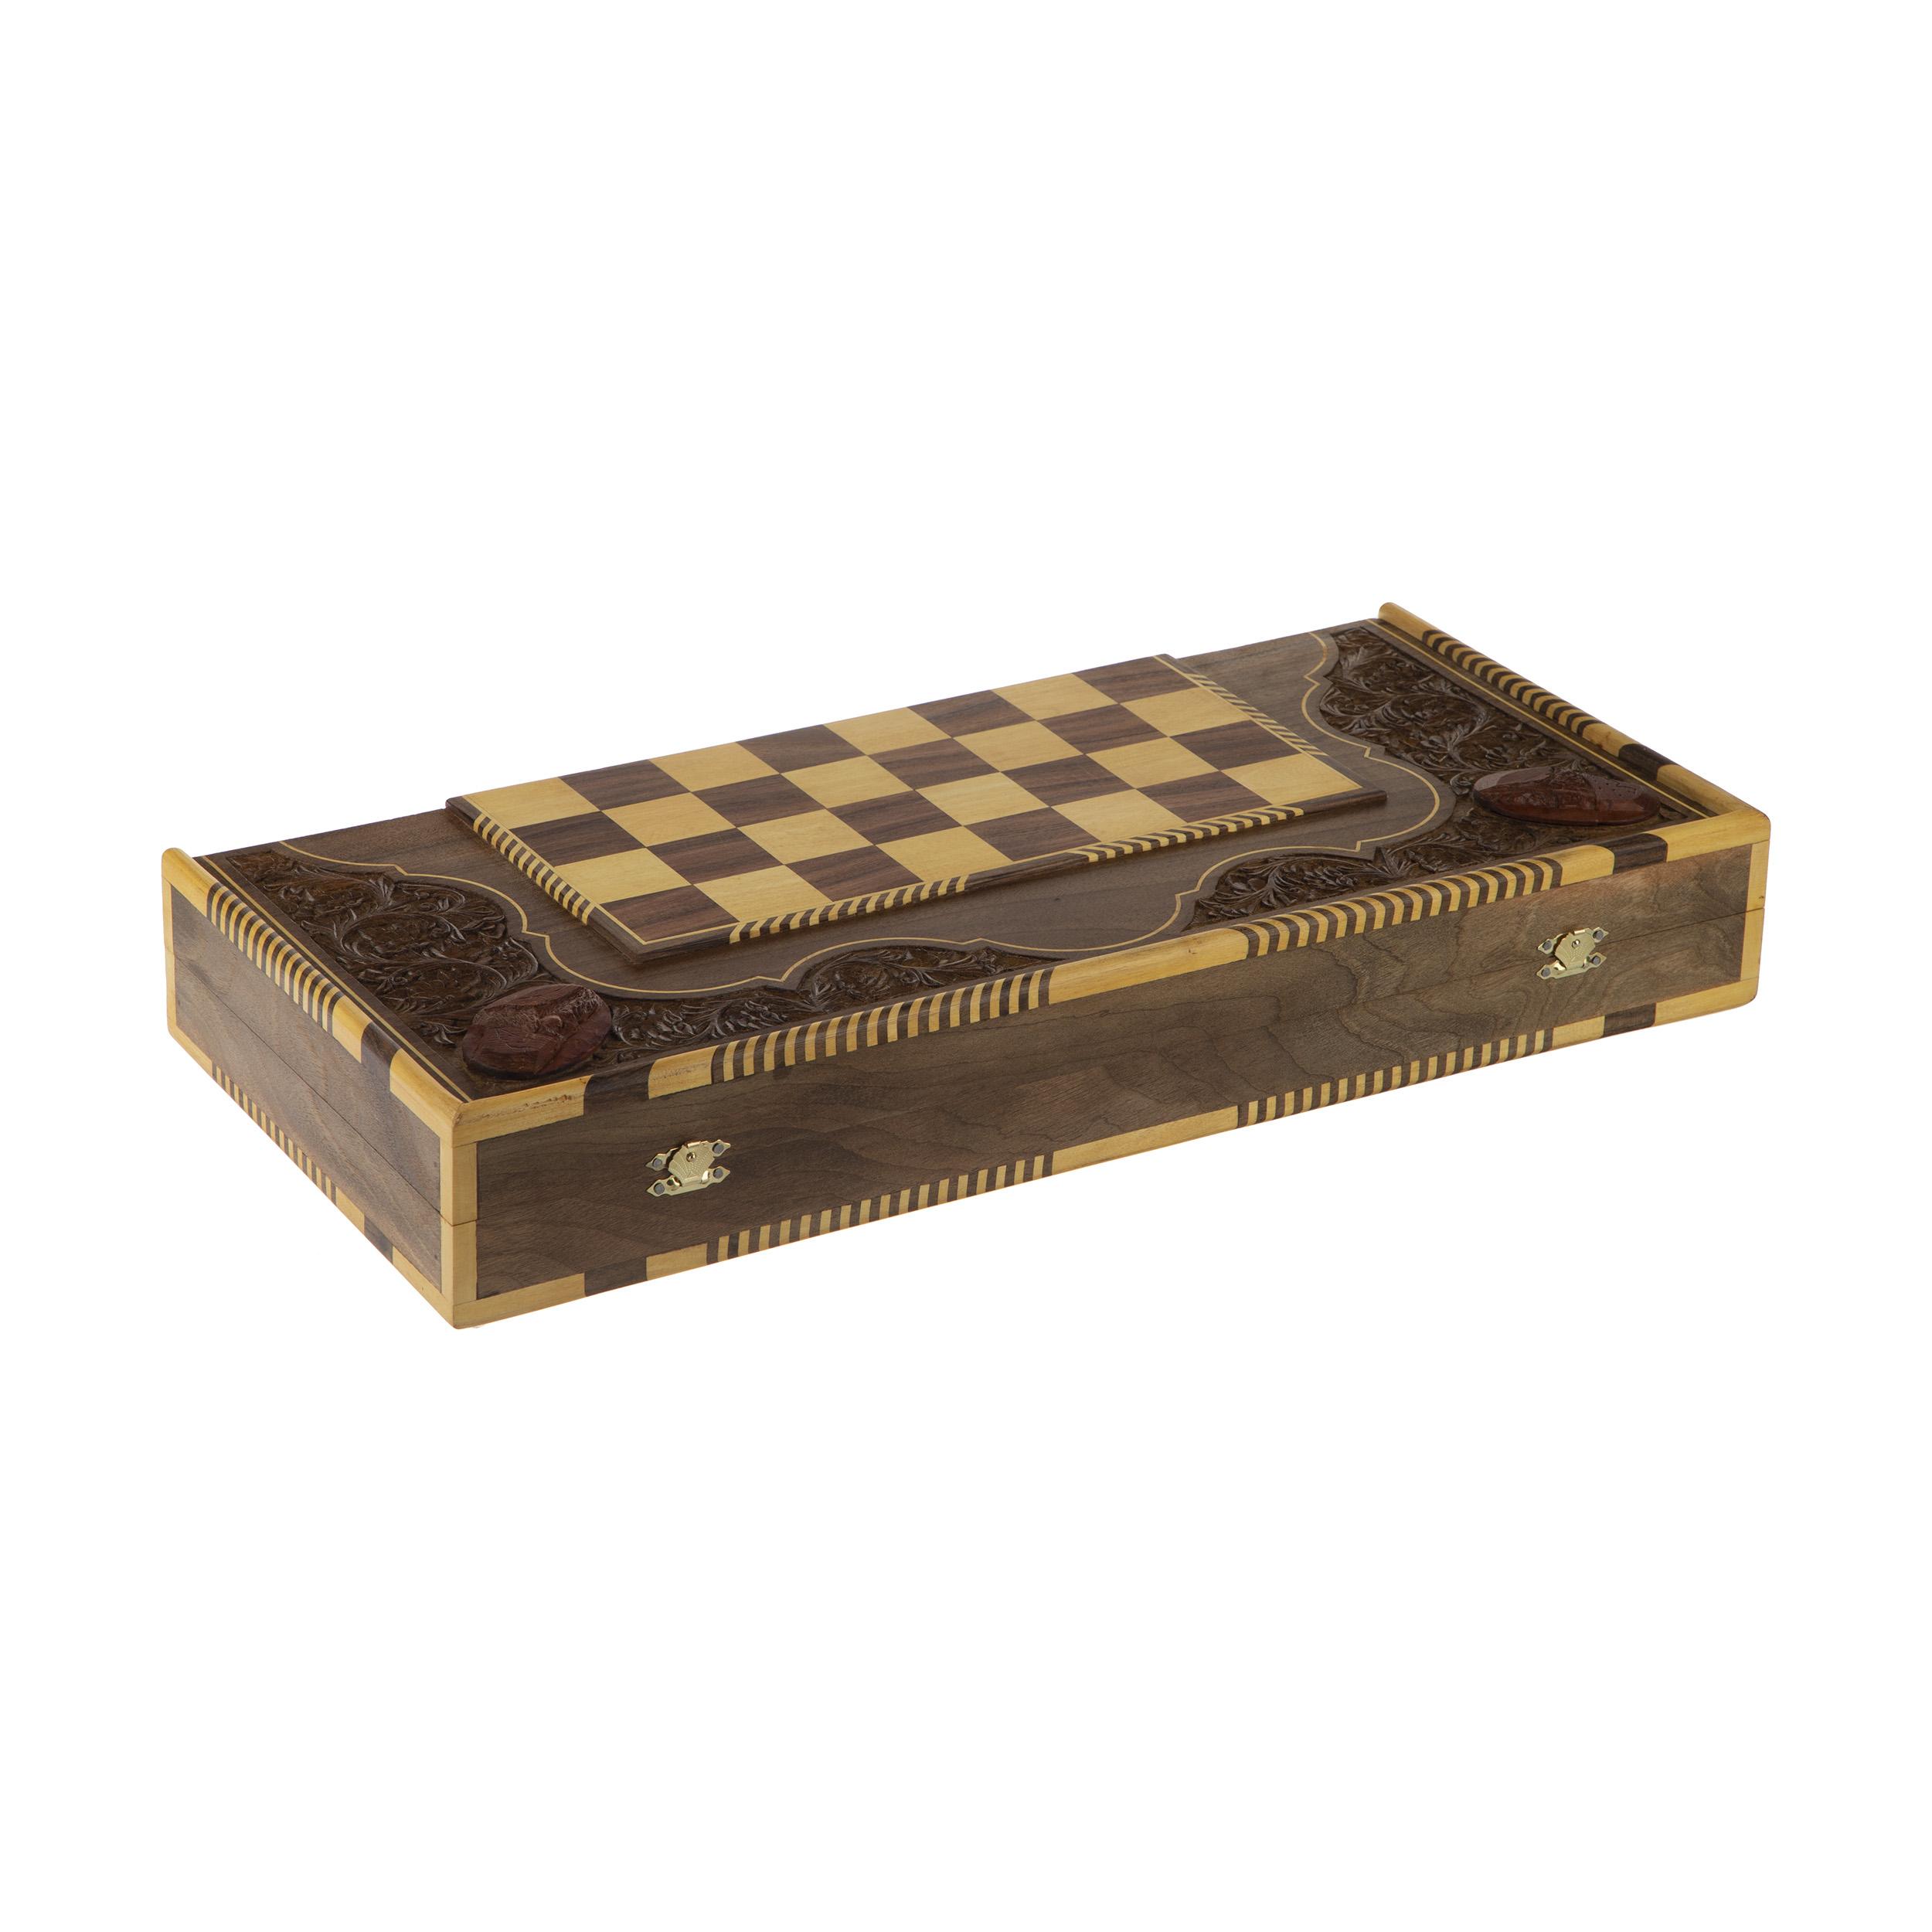 صفحه شطرنج منبت کاری افراچوب کد 001